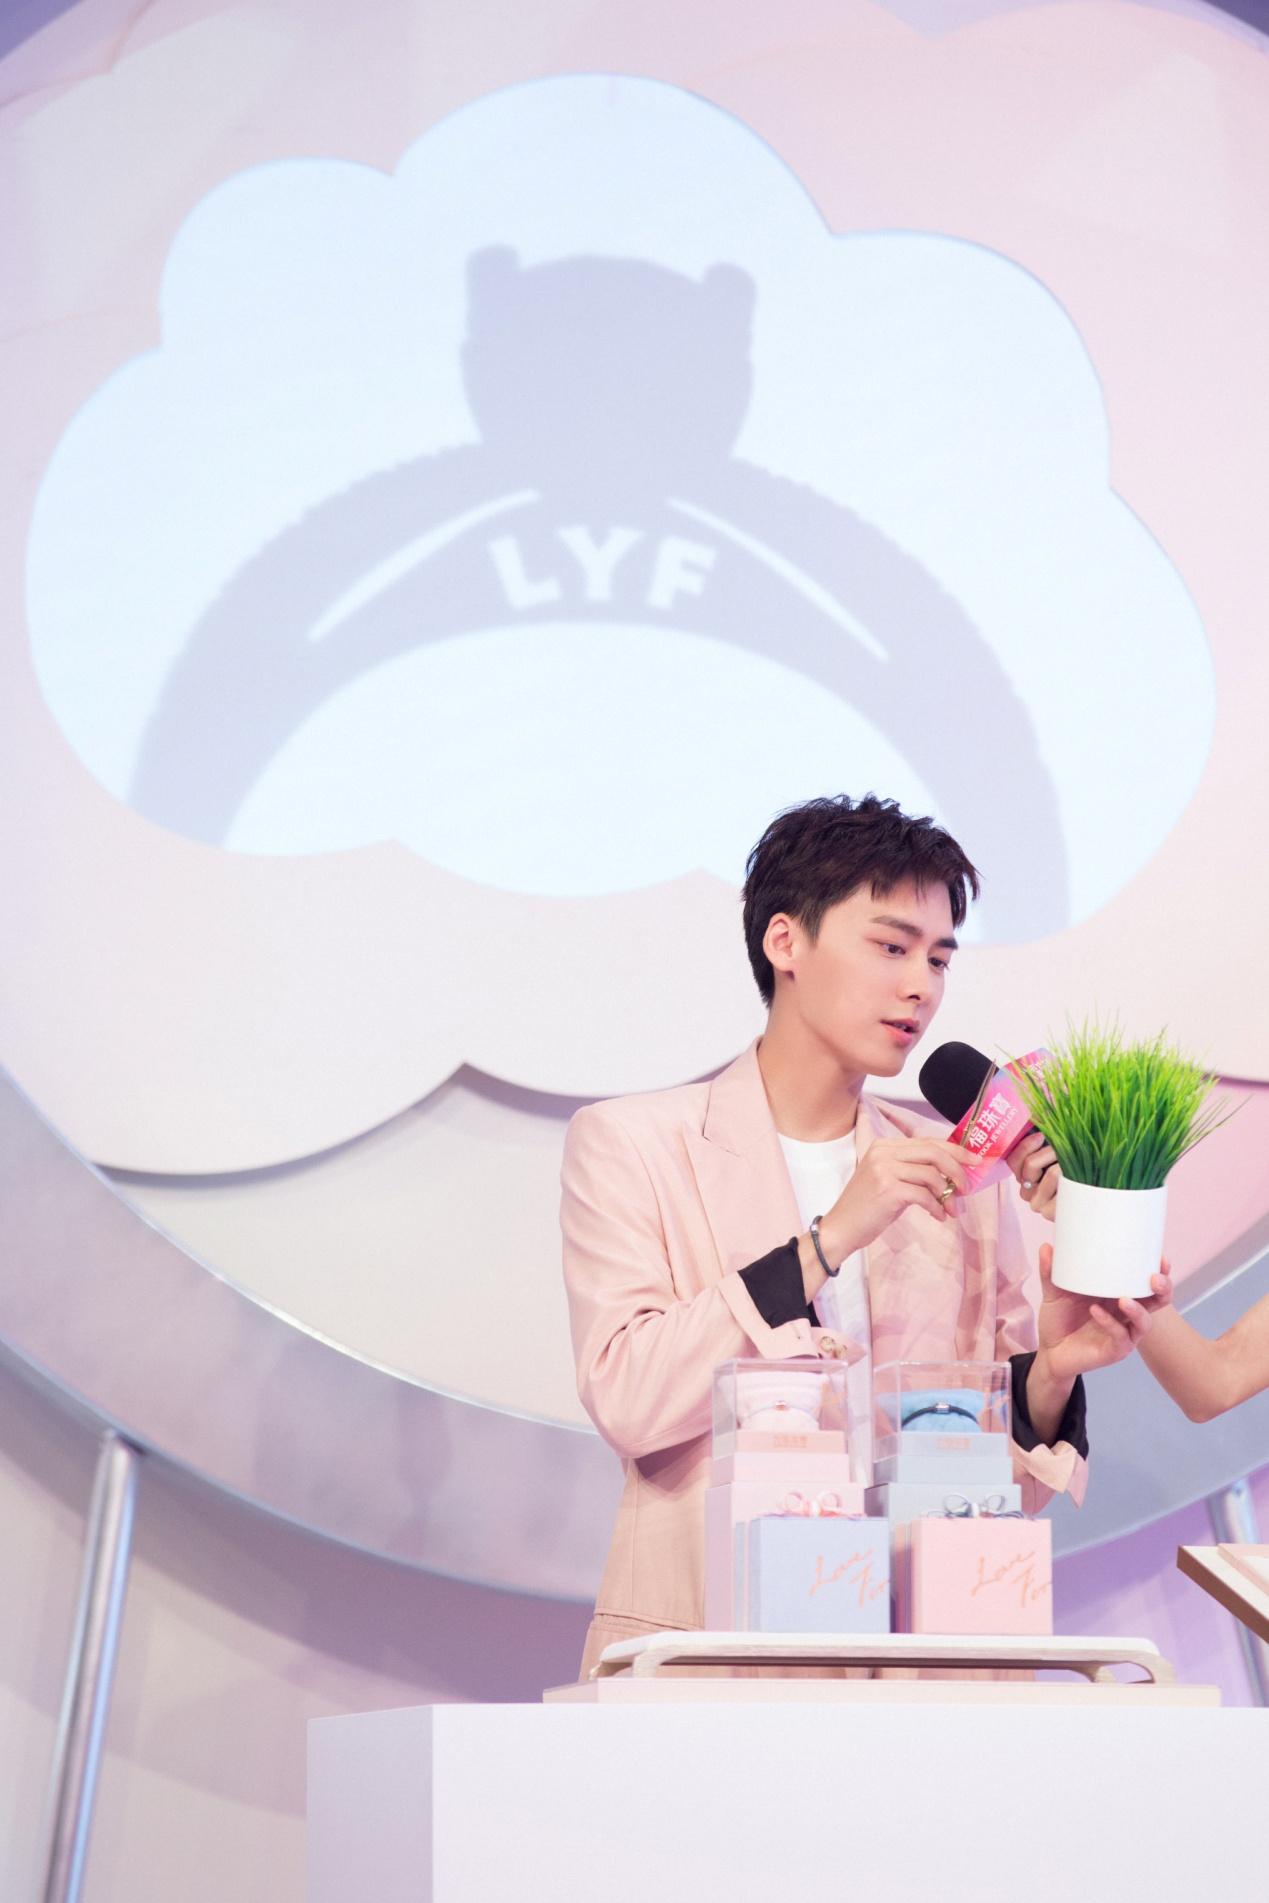 李易峰为植物修剪造型以搭配光影密语表白钻戒赋予爱的意义